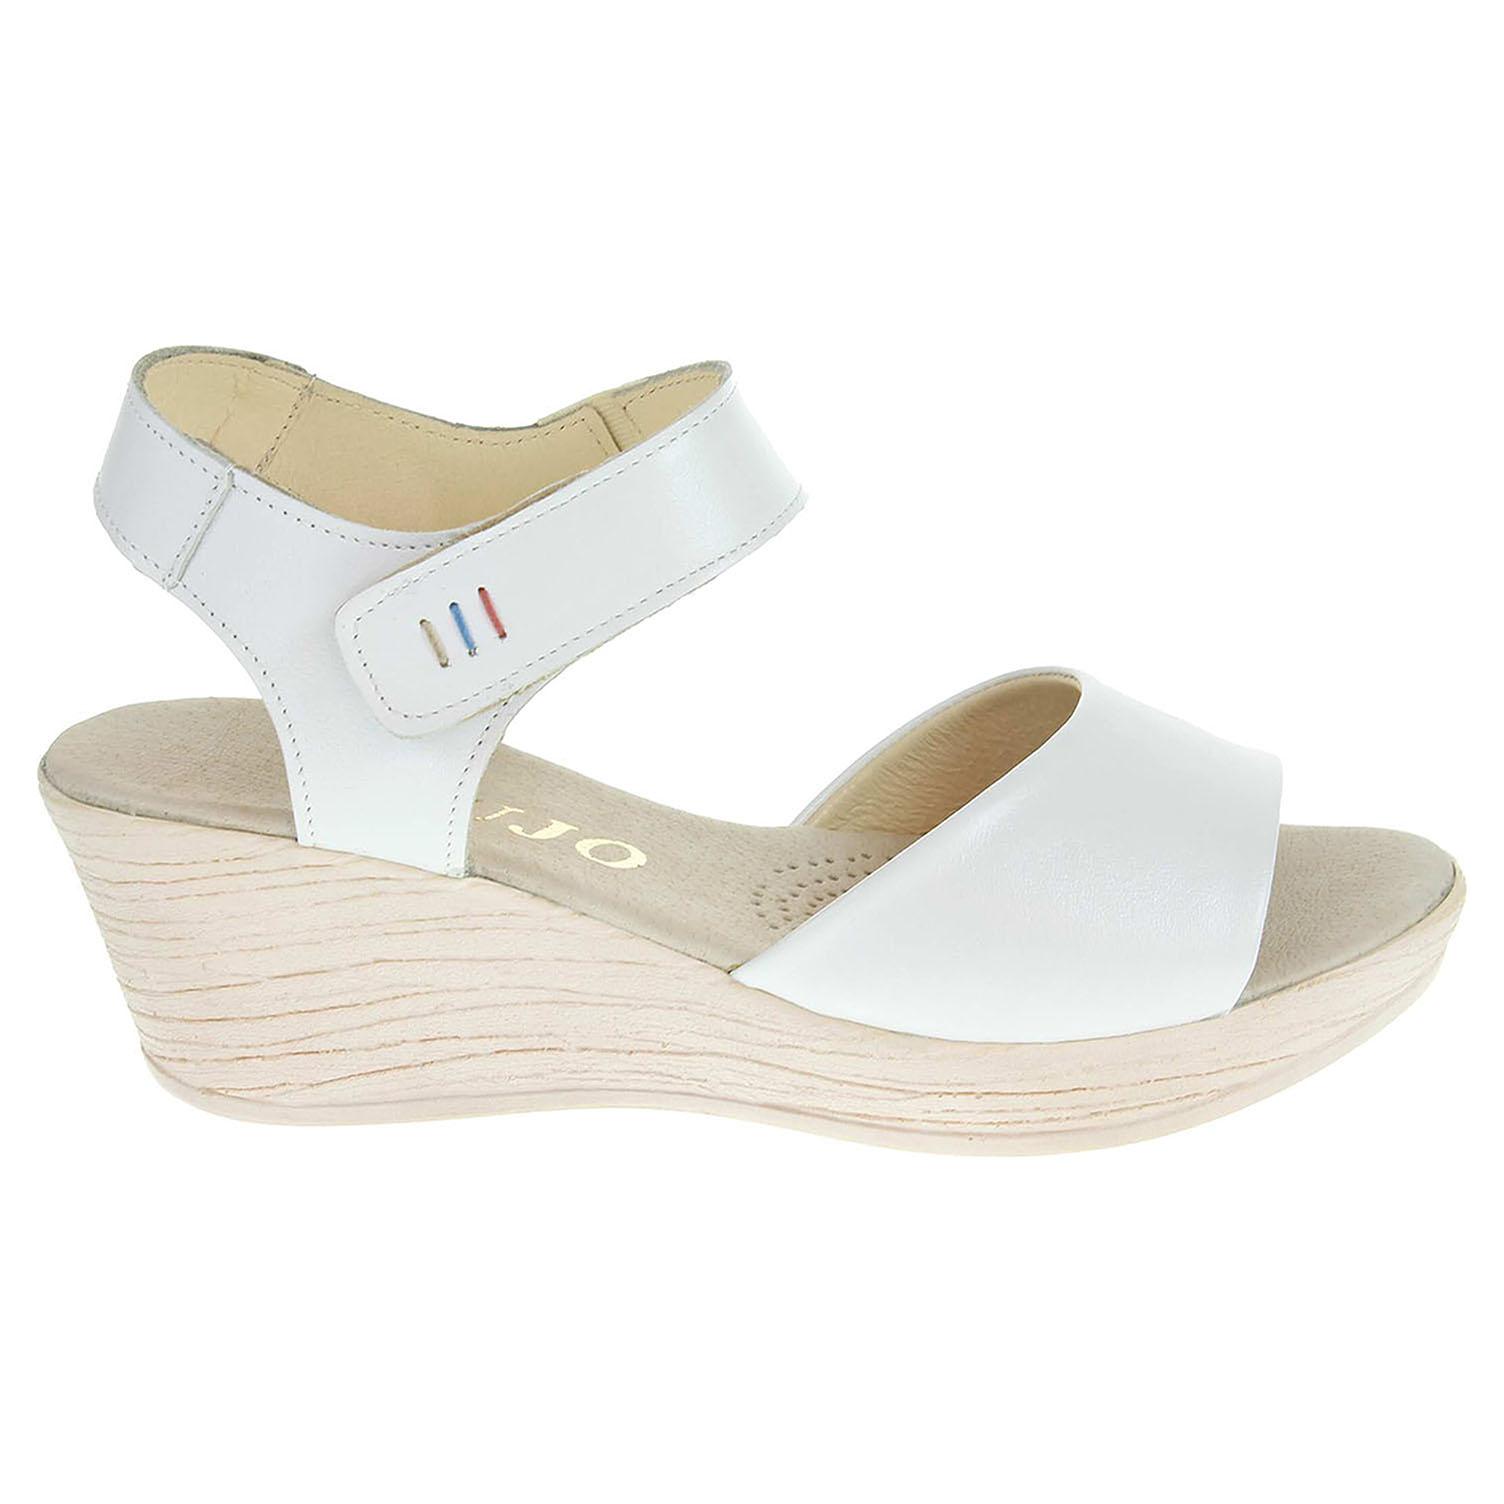 Dámské sandály J3462 bílé 38